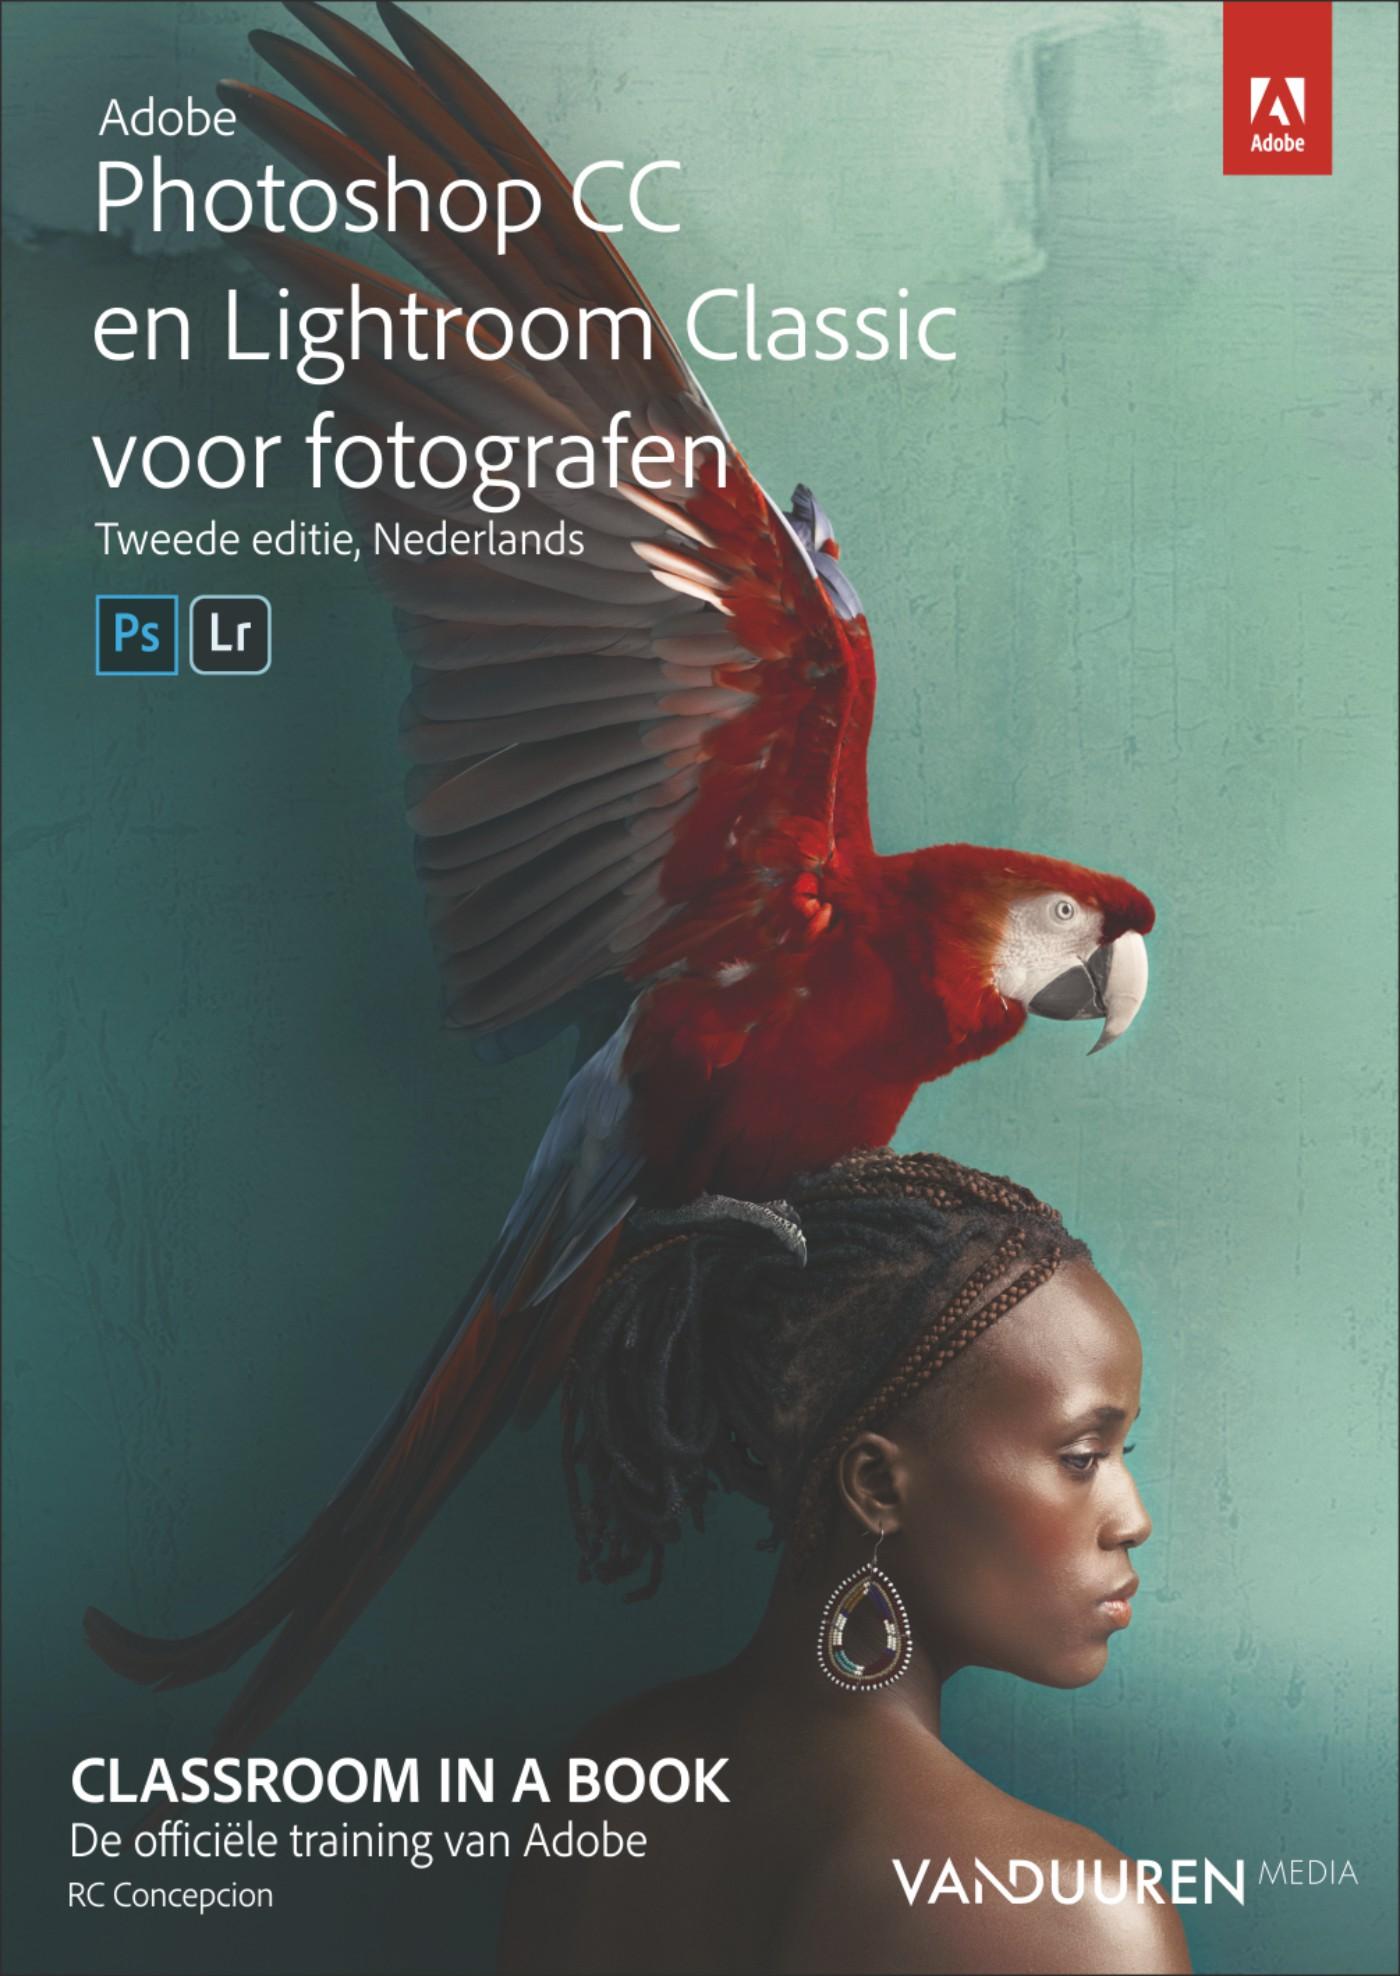 Photoshop CC en Lightroom Classic voor fotografen, Classroom in a Book